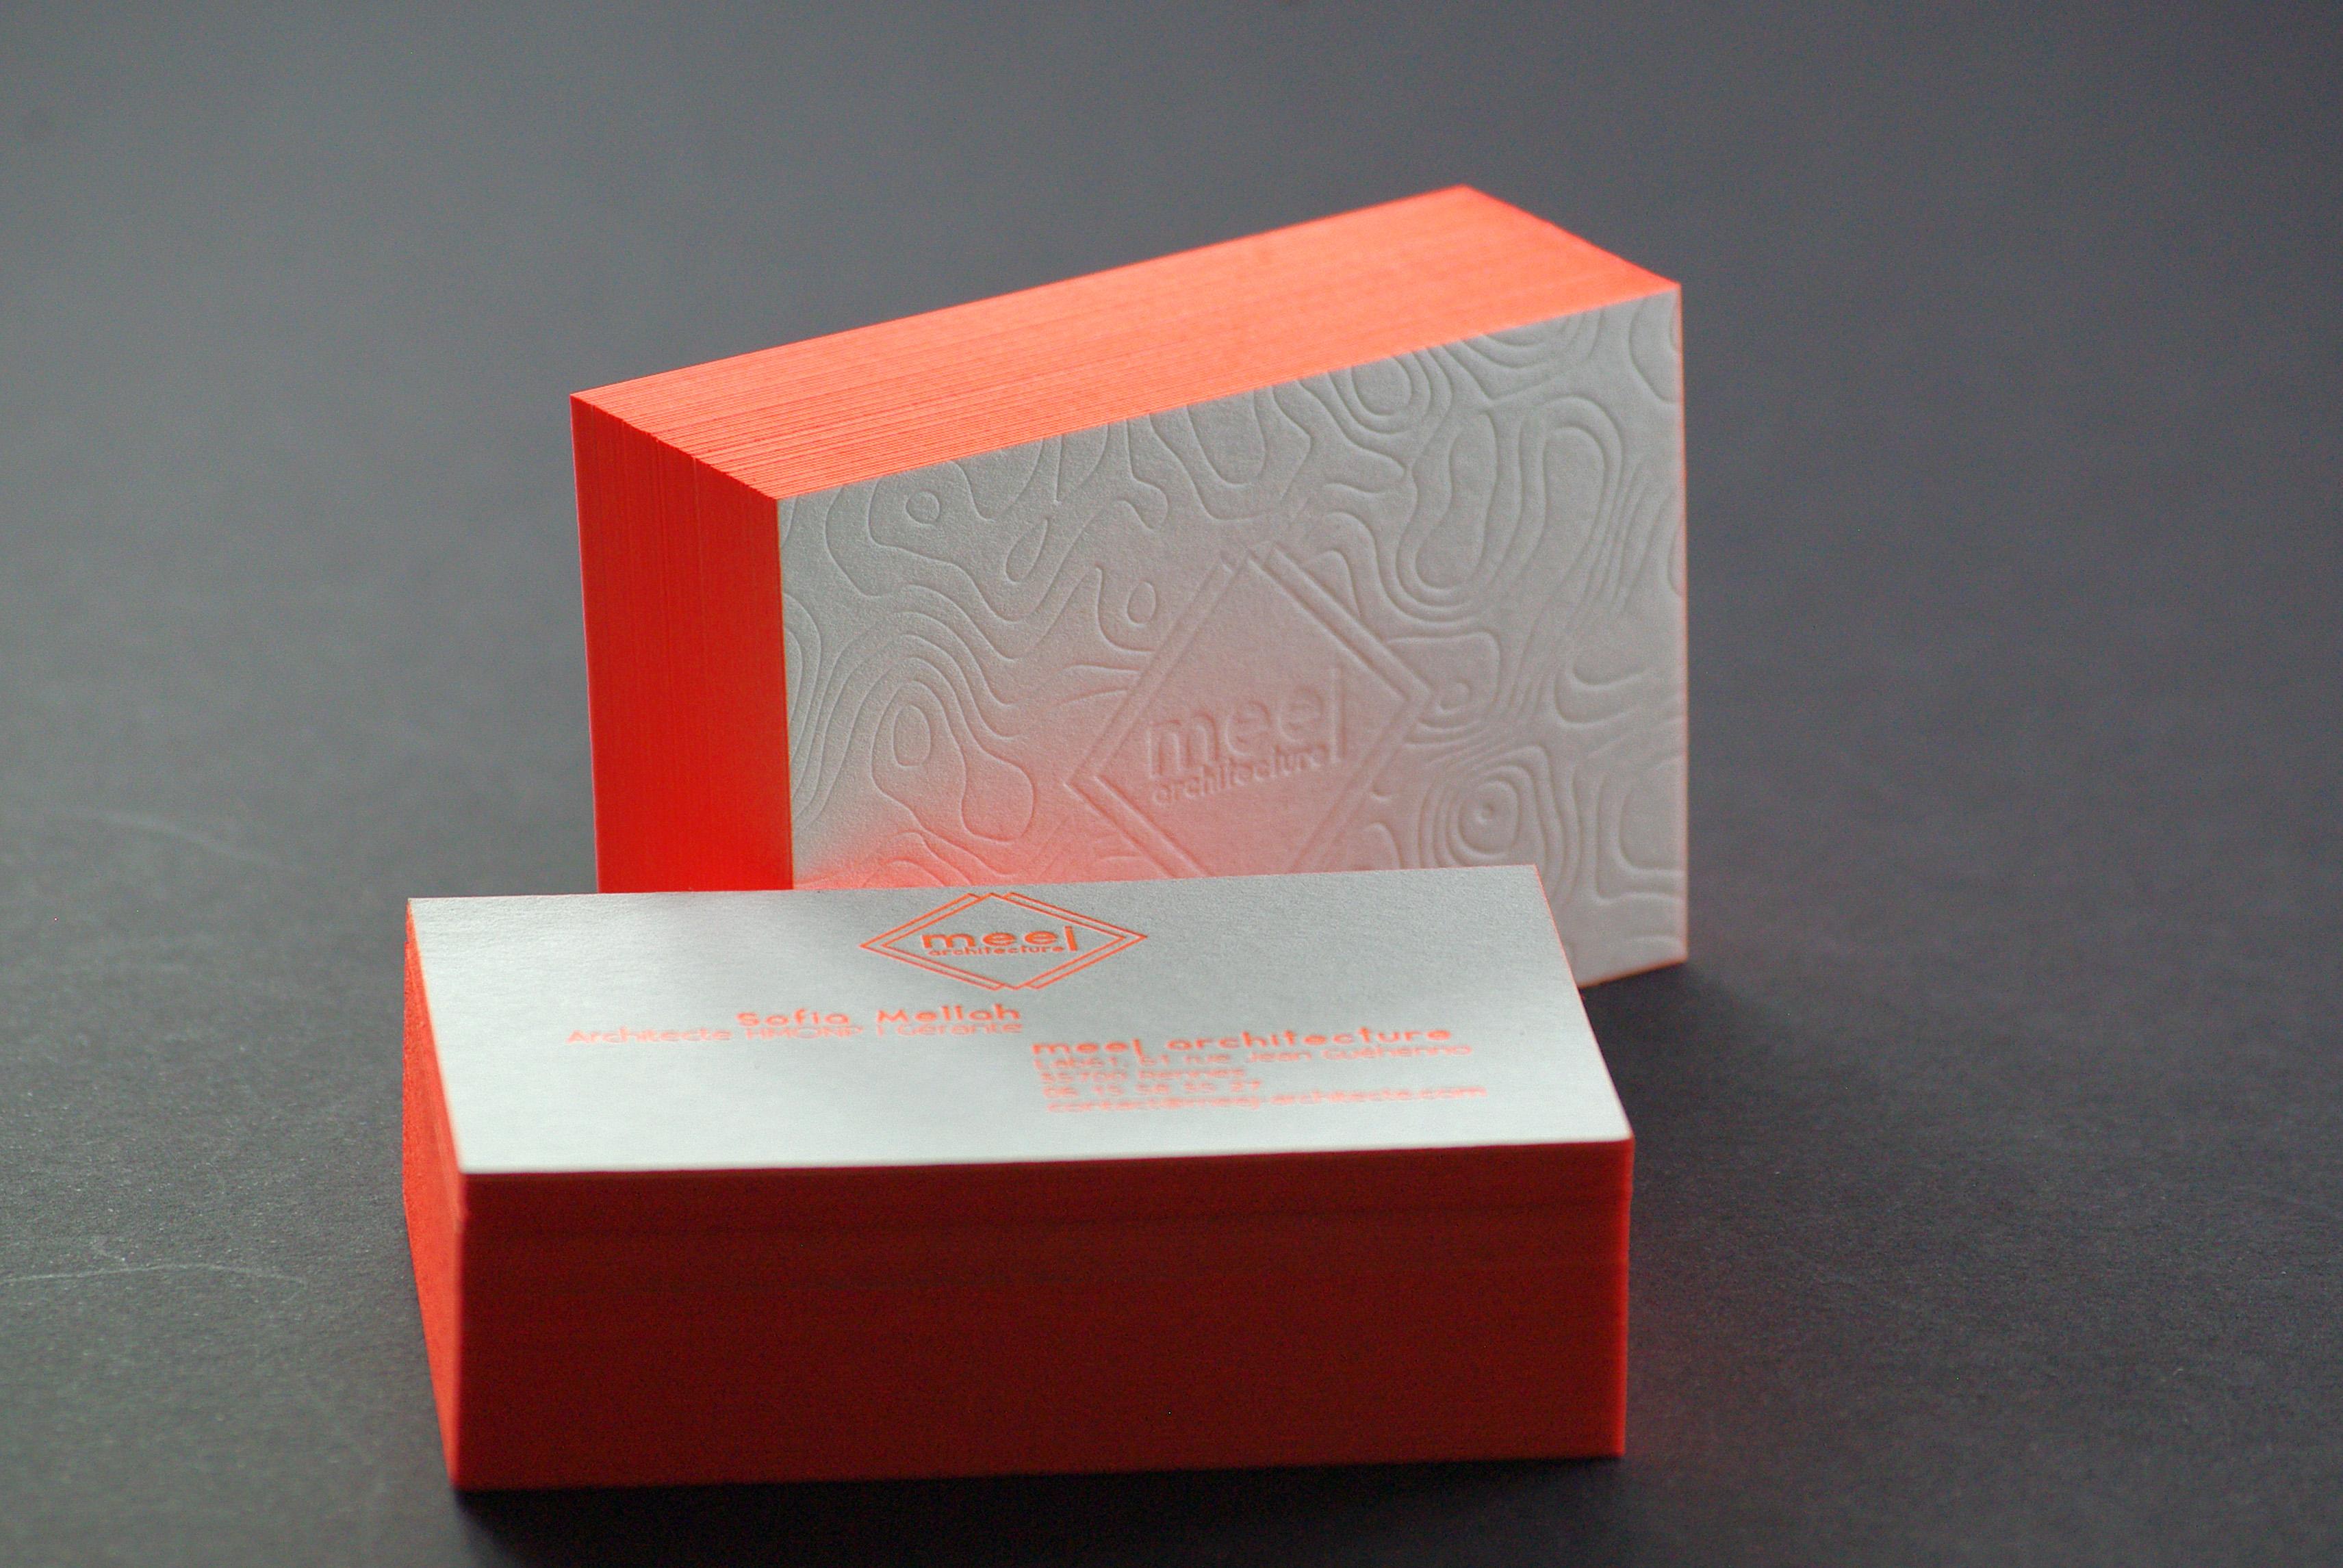 carte-de-visite-letterpress-debossage-sofia-architecte-tranche-fluo-caracterres